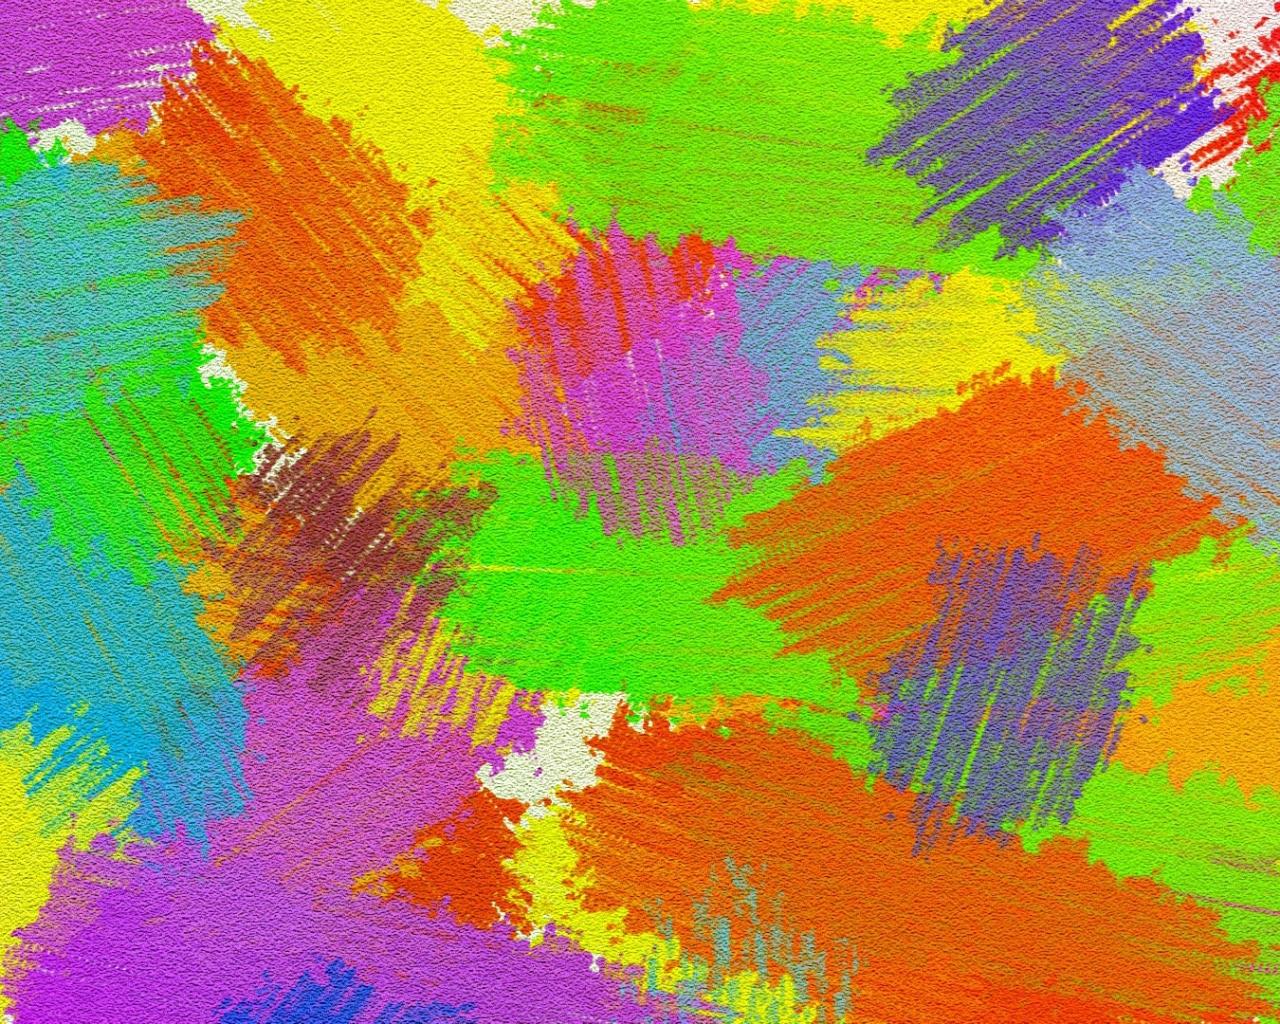 Manchas De Pinturas Hd 1280x1024